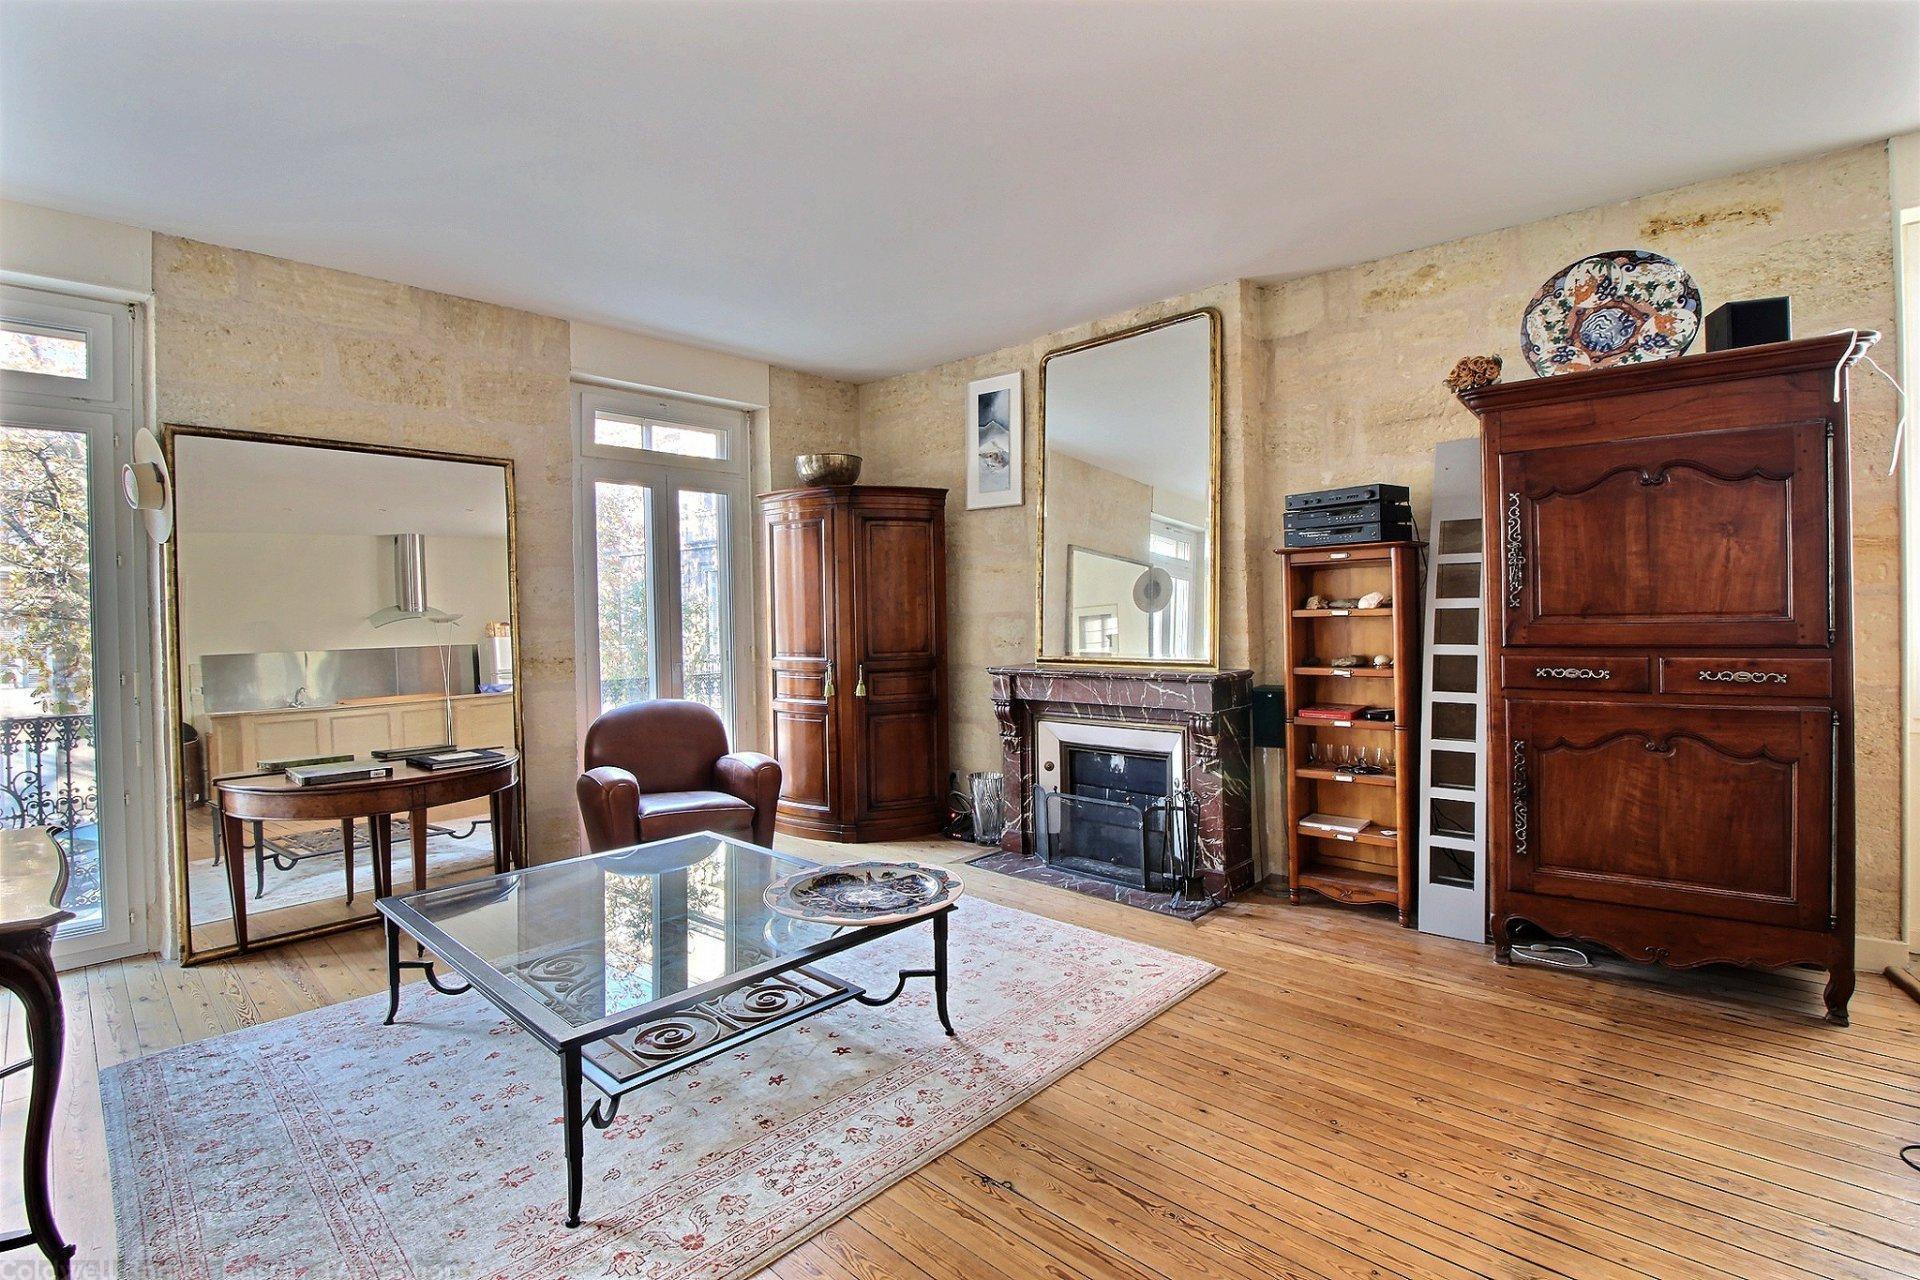 appartement ancien renove a vendre bordeaux hopital saint andre